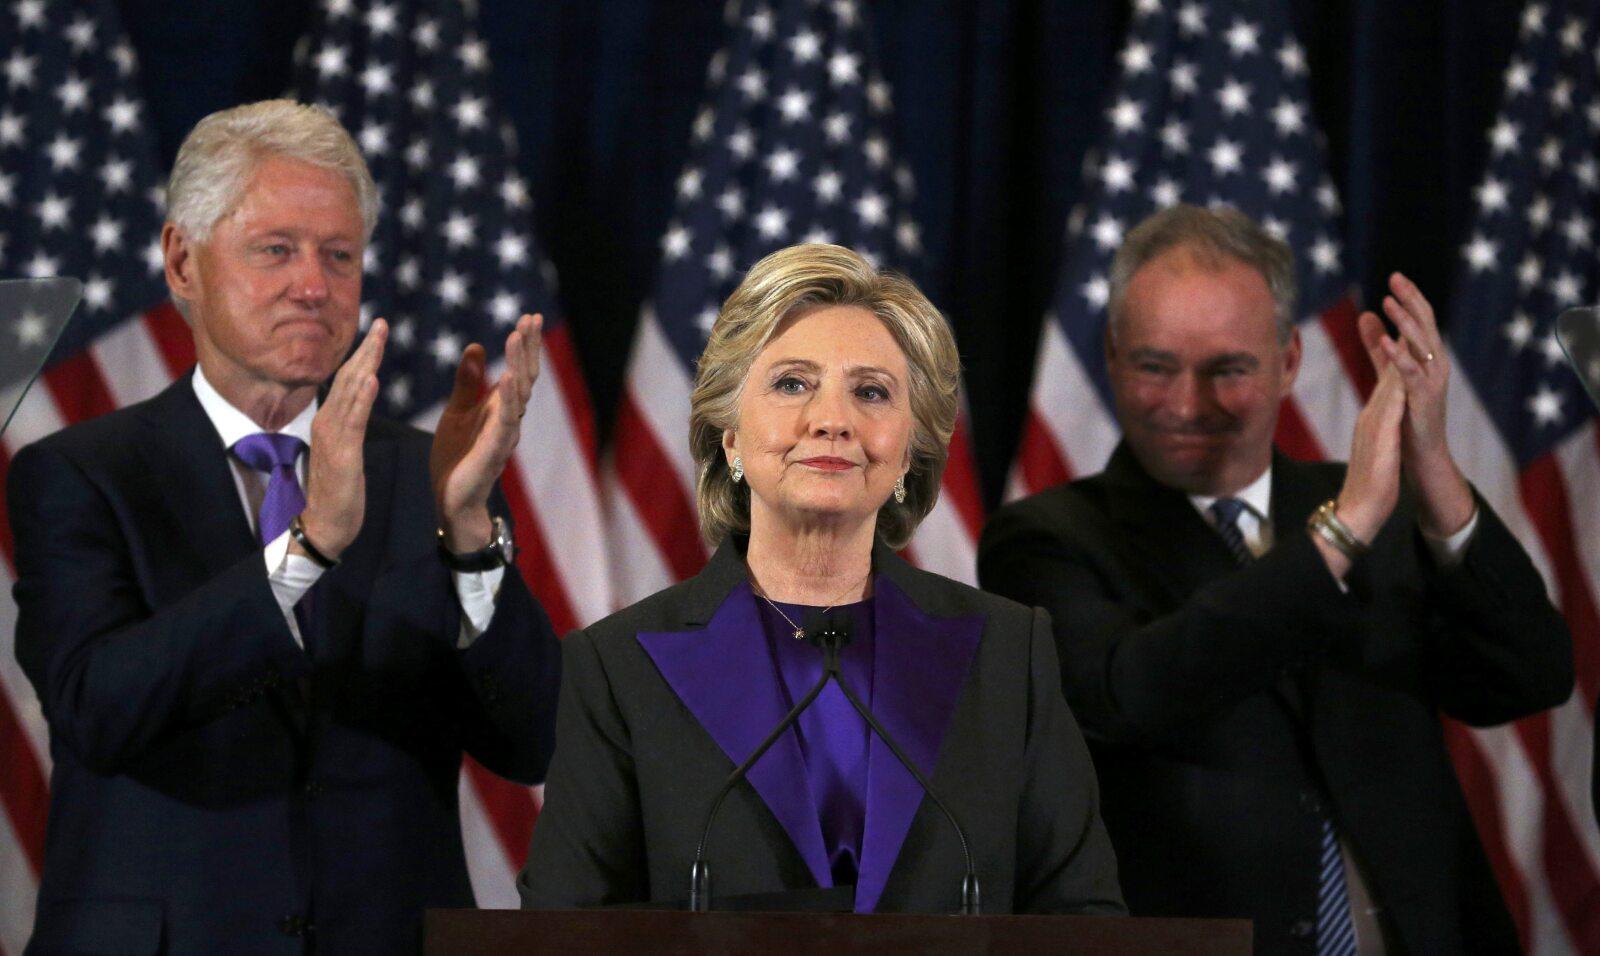 El Discurso de Concesión de Hillary Clinton